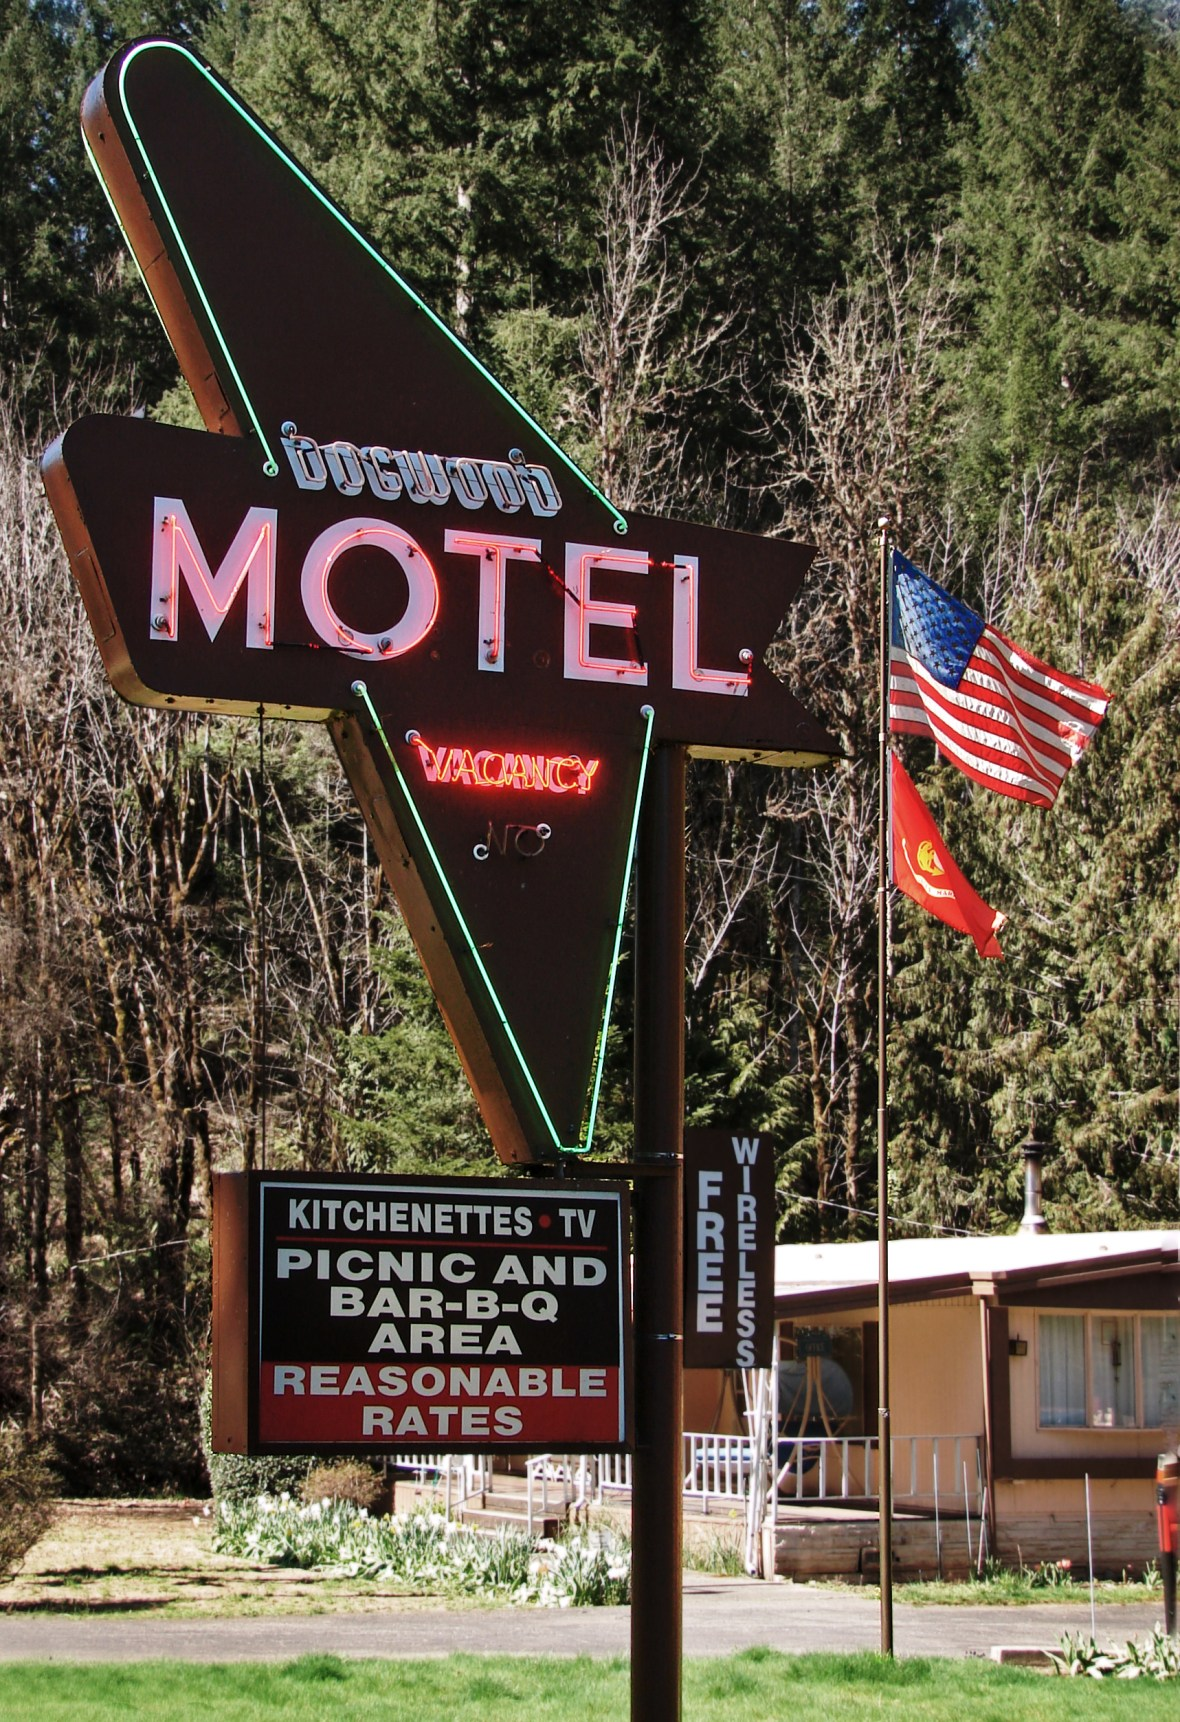 Dogwood Motel - 28866 North Umpqua Highway, Idleyld Park, Oregon U.S.A. - March 31, 2017